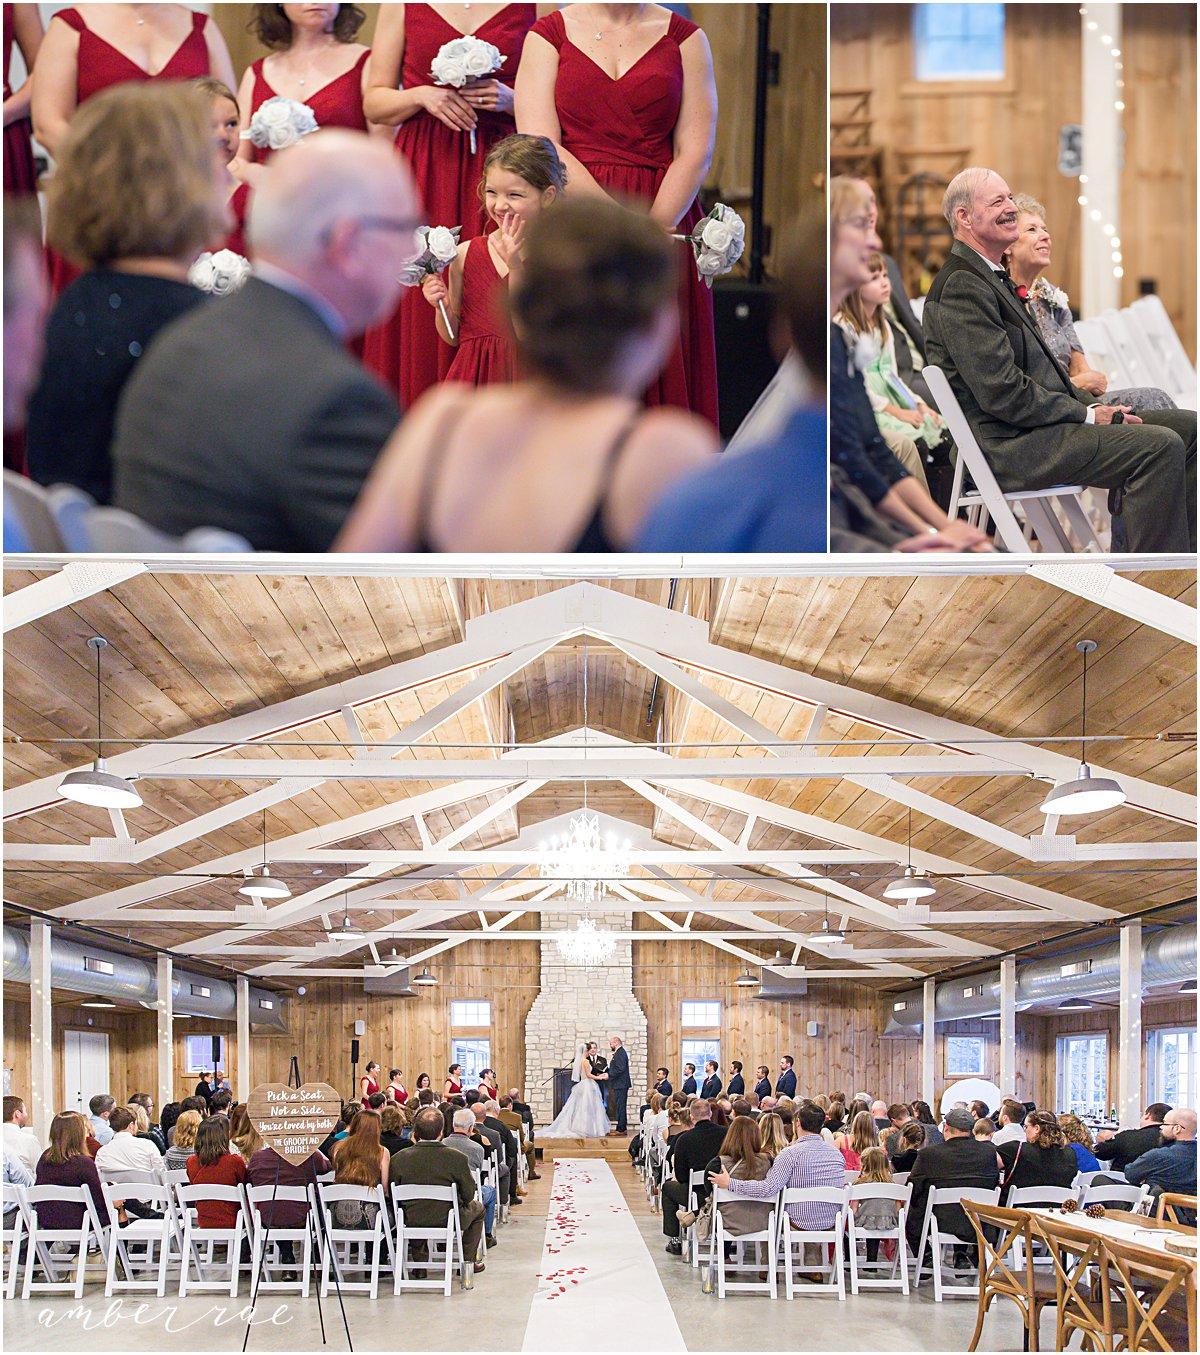 Helget Wedding Dec 2017_0032.jpg